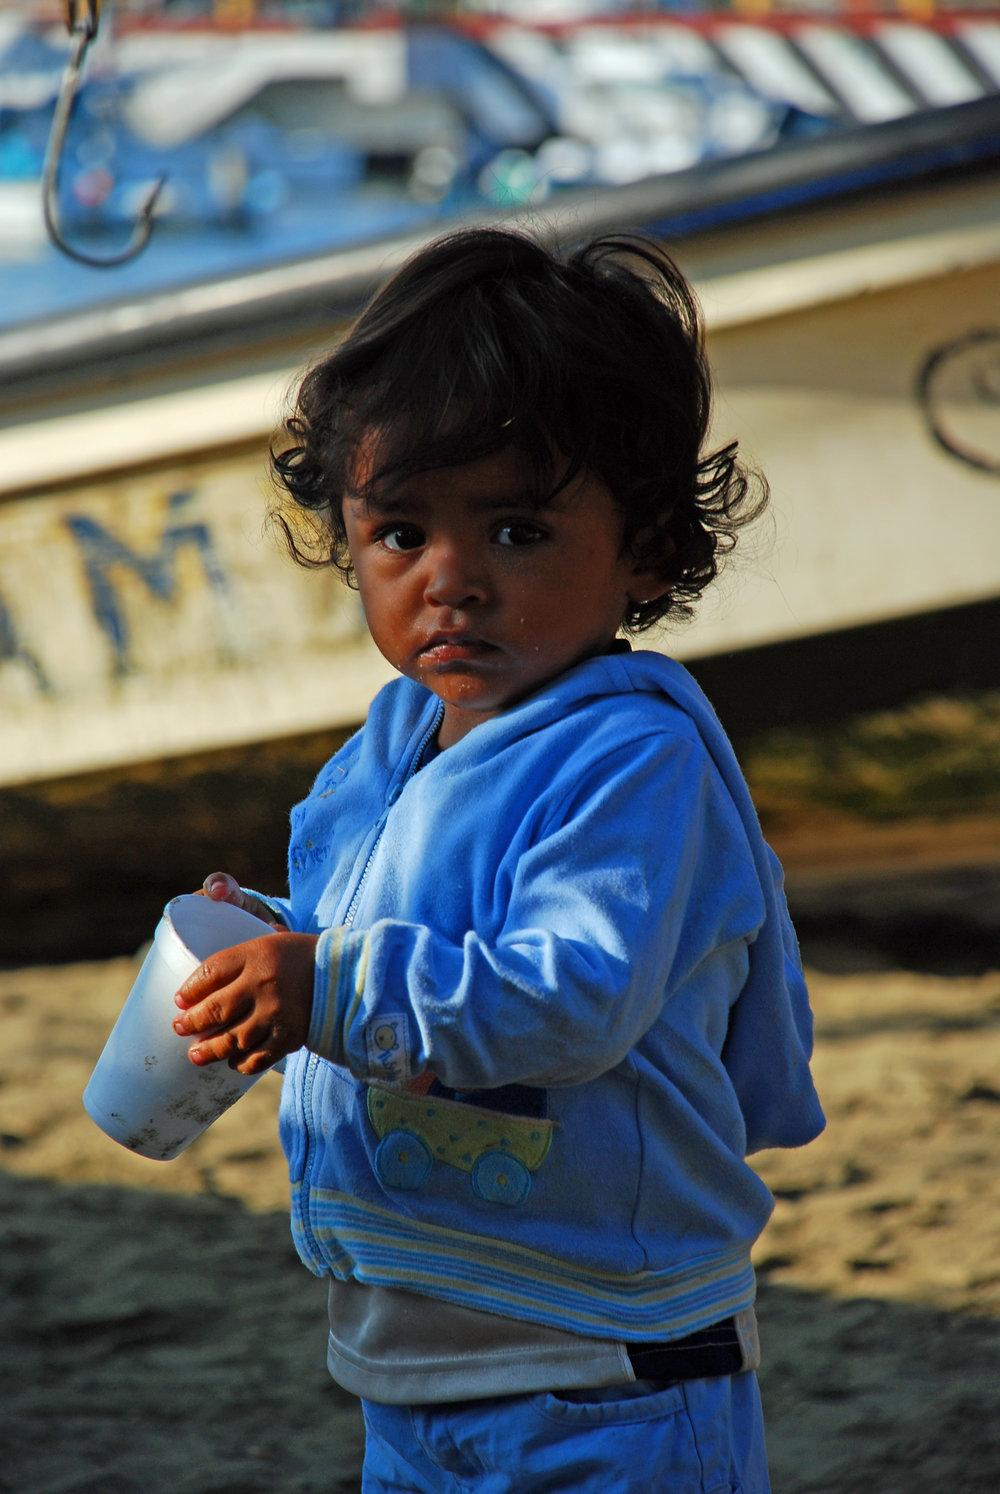 Girl in Zihuatanejo, Mexico